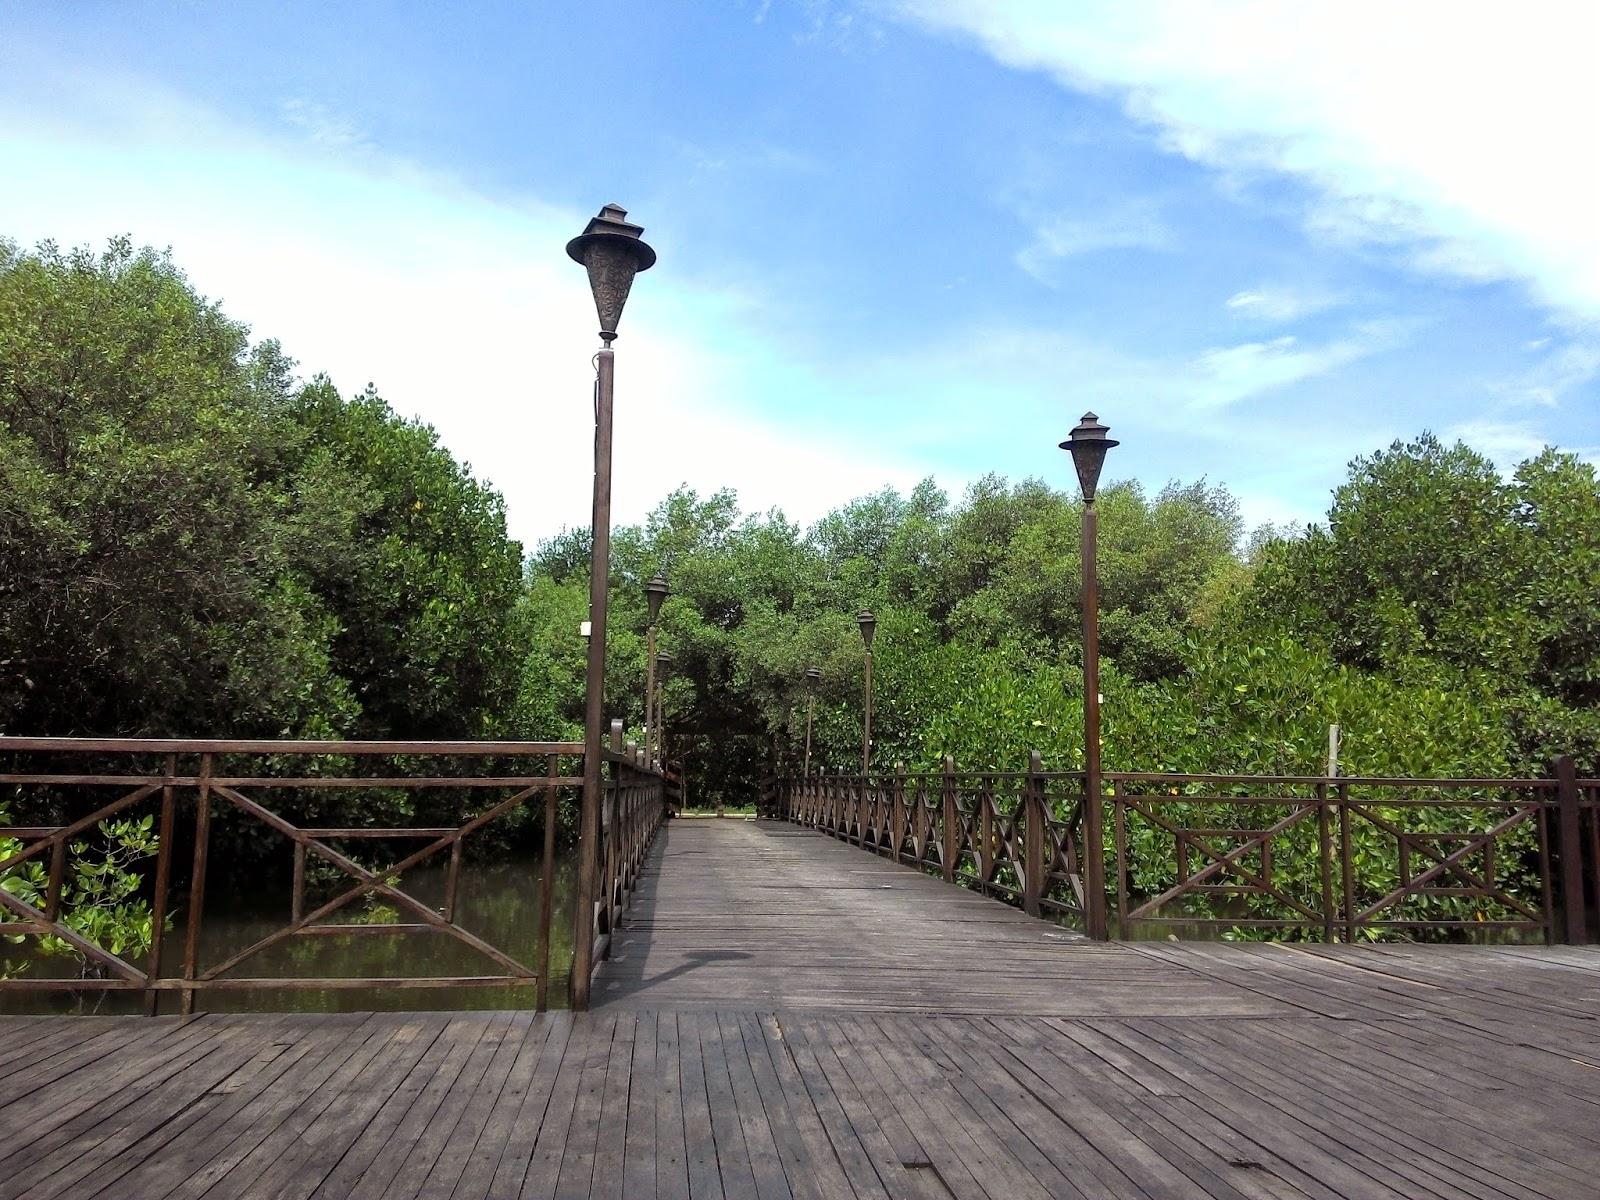 Referensi Liburan Jakarta Taman Hutan Mangrove Pik Living Room